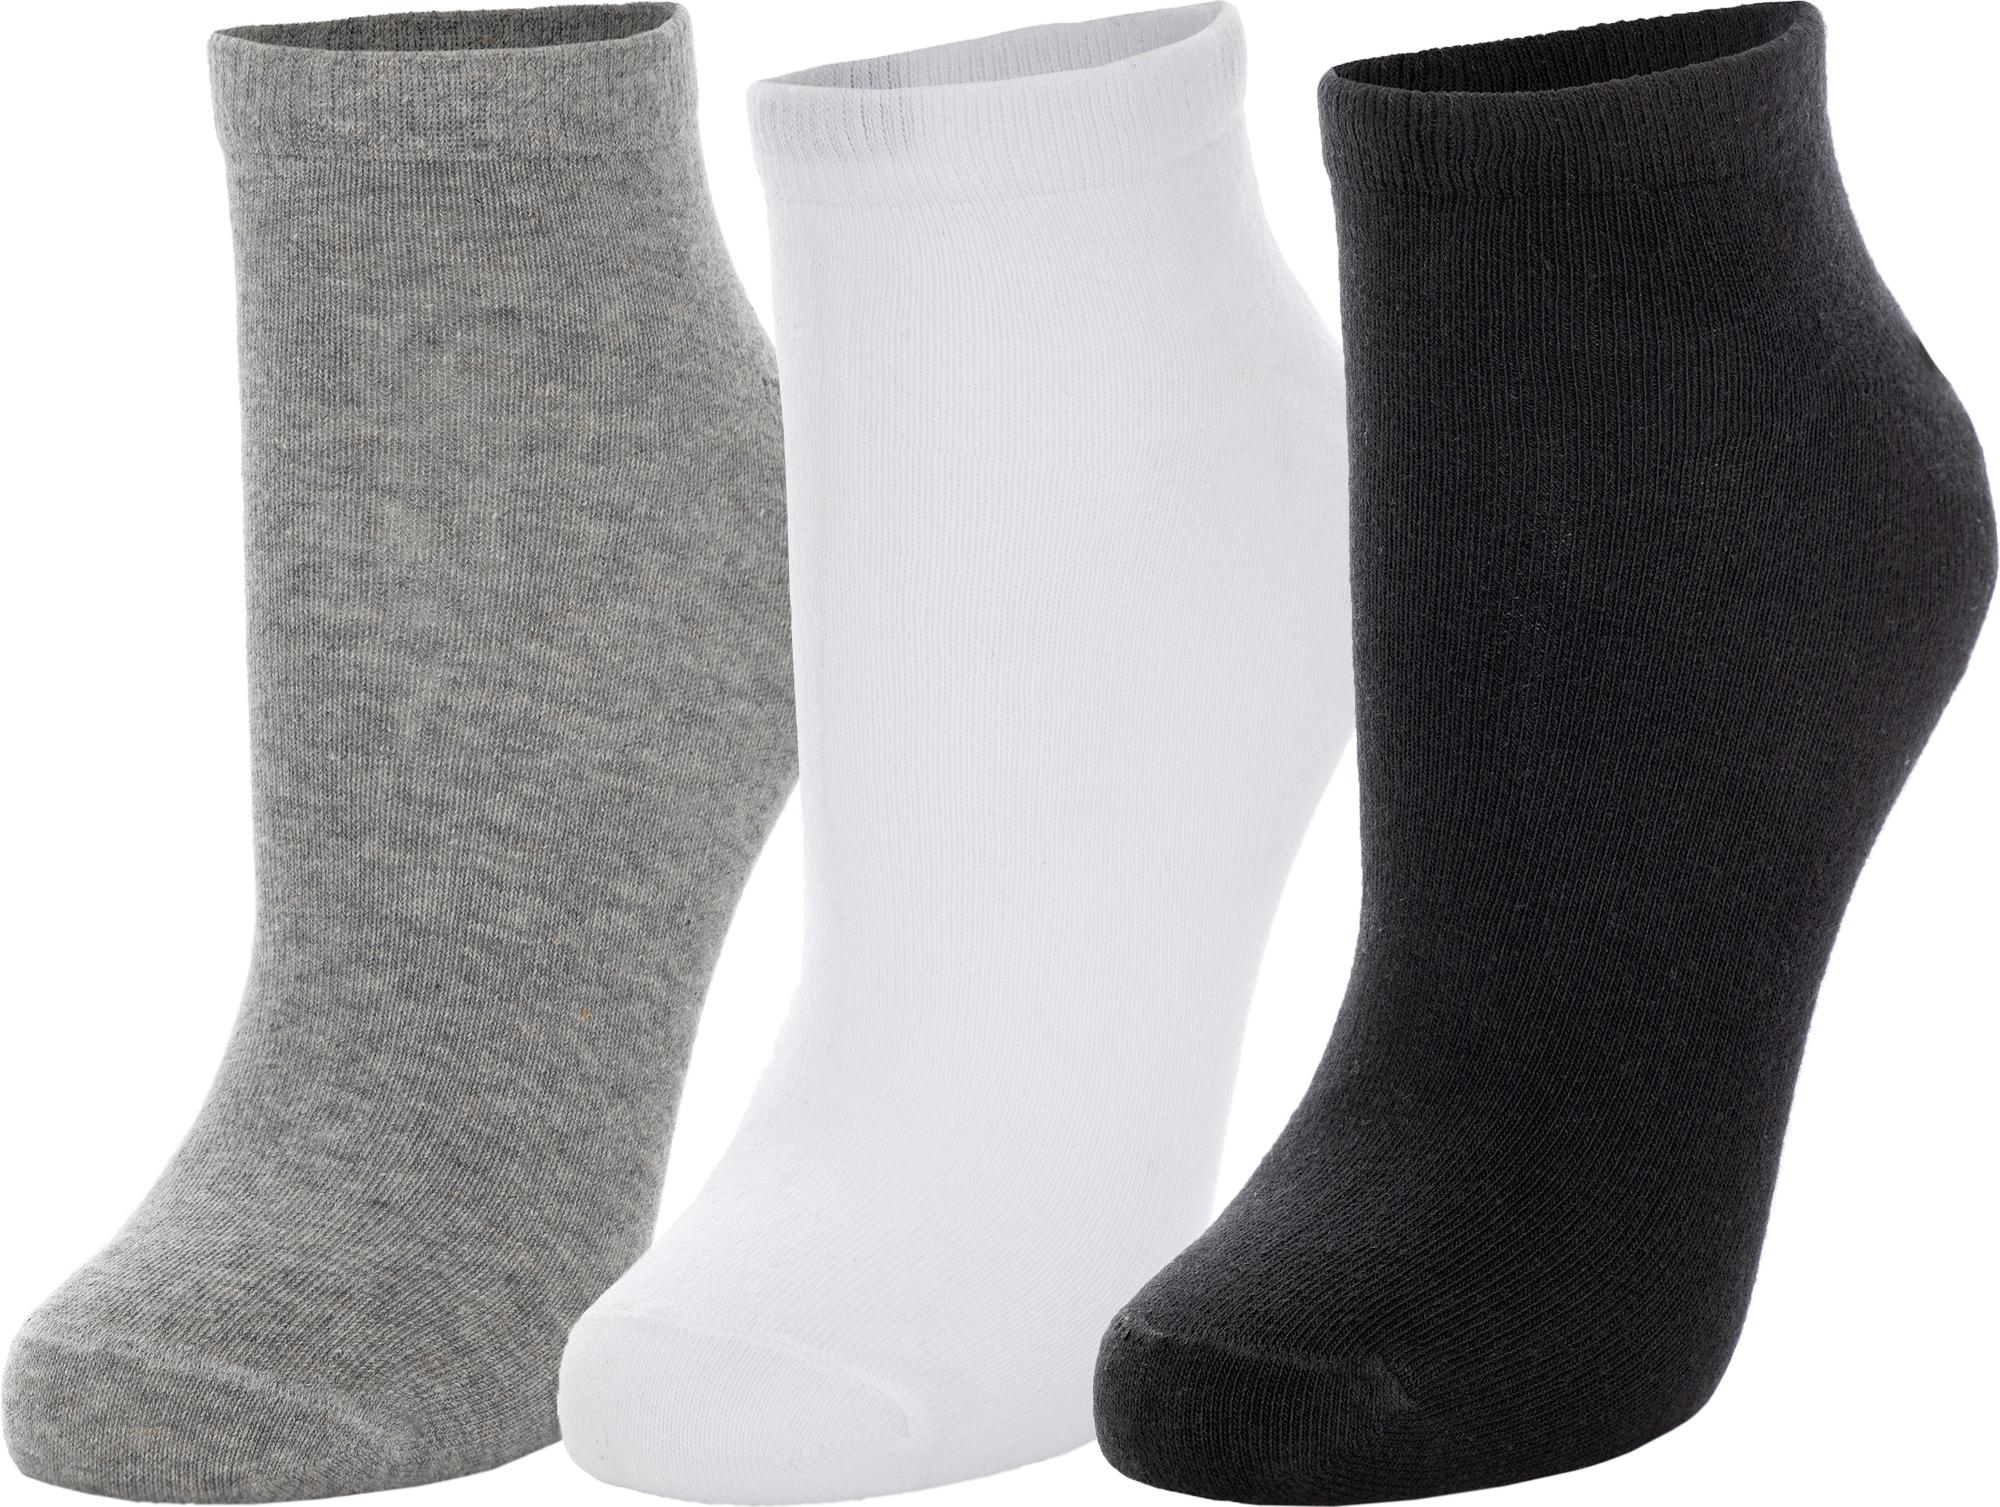 белье acoola носки детские 3 пары цвет ассорти размер 18 20 32214420032 Demix Носки детские Demix, 3 пары, размер 34-36